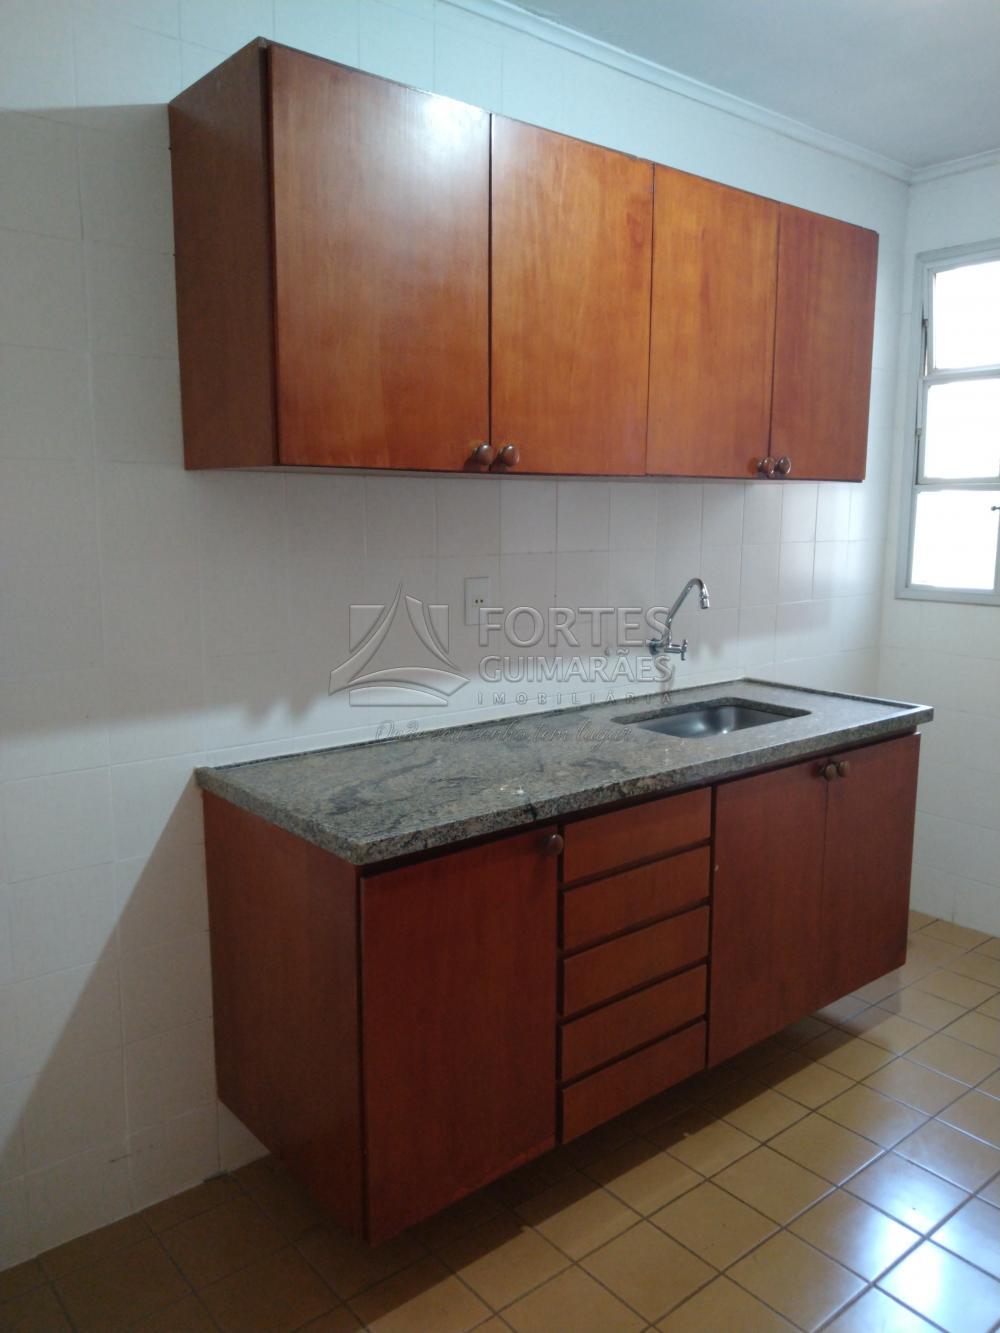 Alugar Apartamentos / Padrão em Ribeirão Preto apenas R$ 1.500,00 - Foto 36